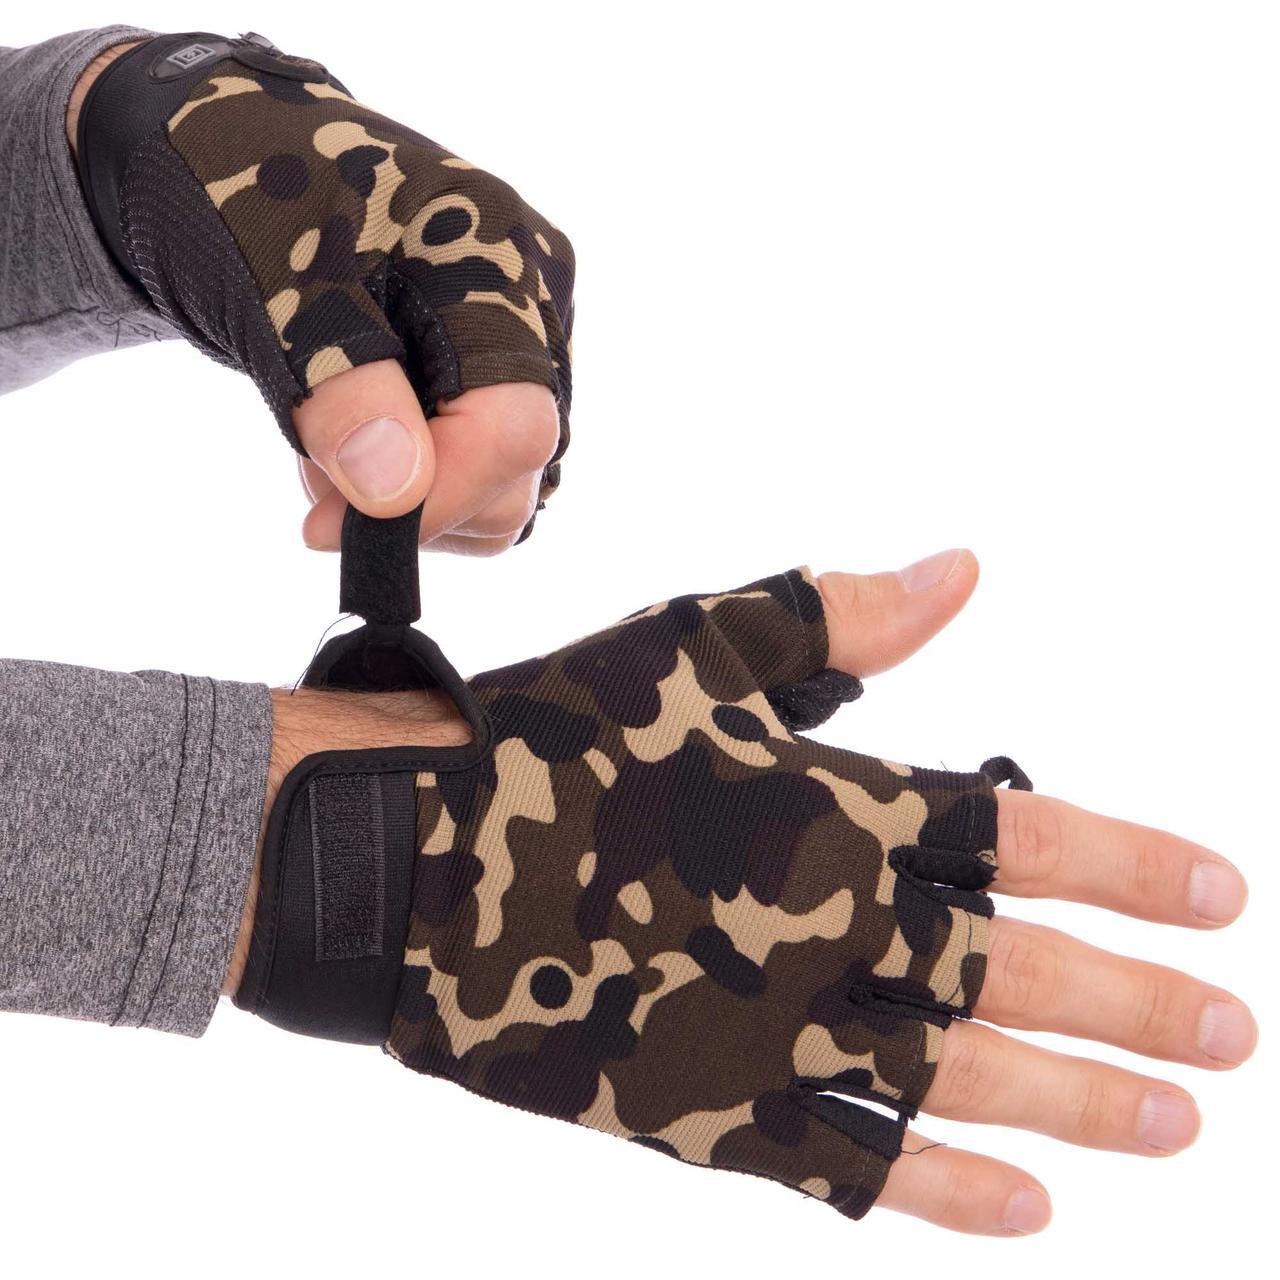 Перчатки тактические с открытыми пальцами 5.11 камуфляж BC-4379